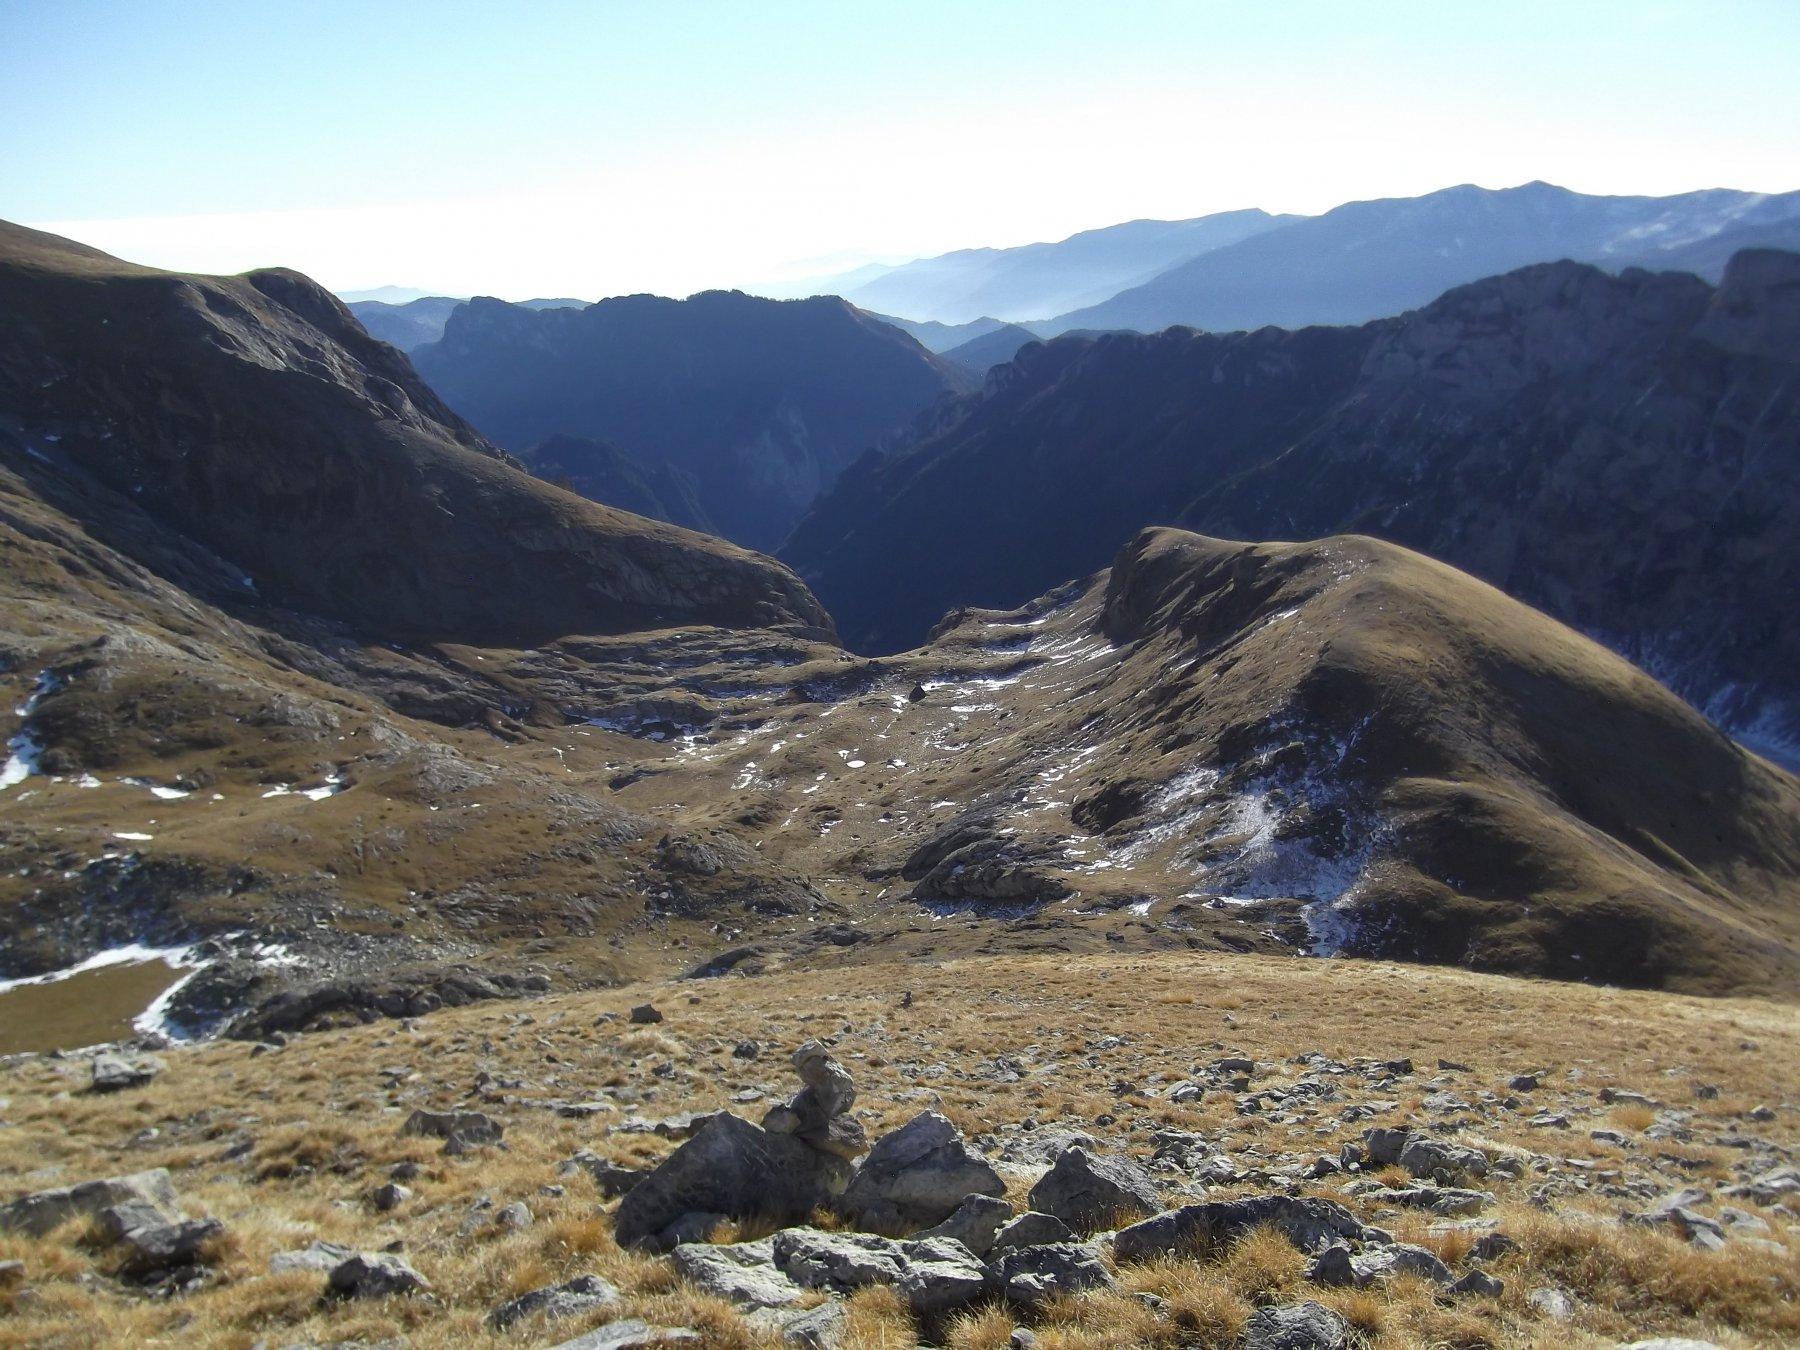 Le Mastrelle viste dalla salita per Cima Palu'.